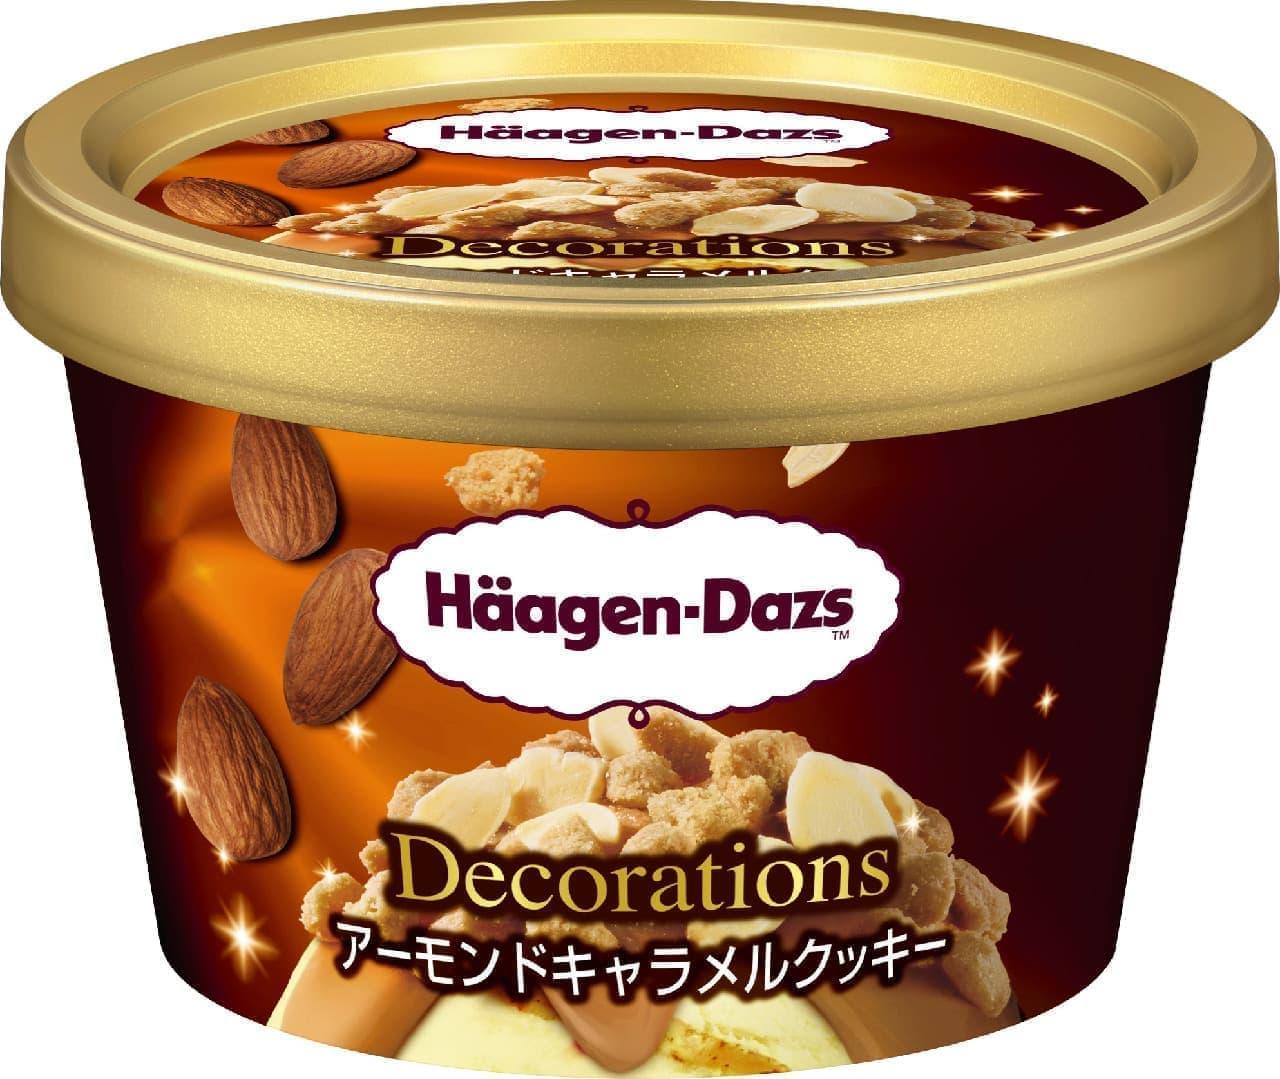 ハーゲンダッツ ミニカップ Decorations「アーモンドキャラメルクッキー」